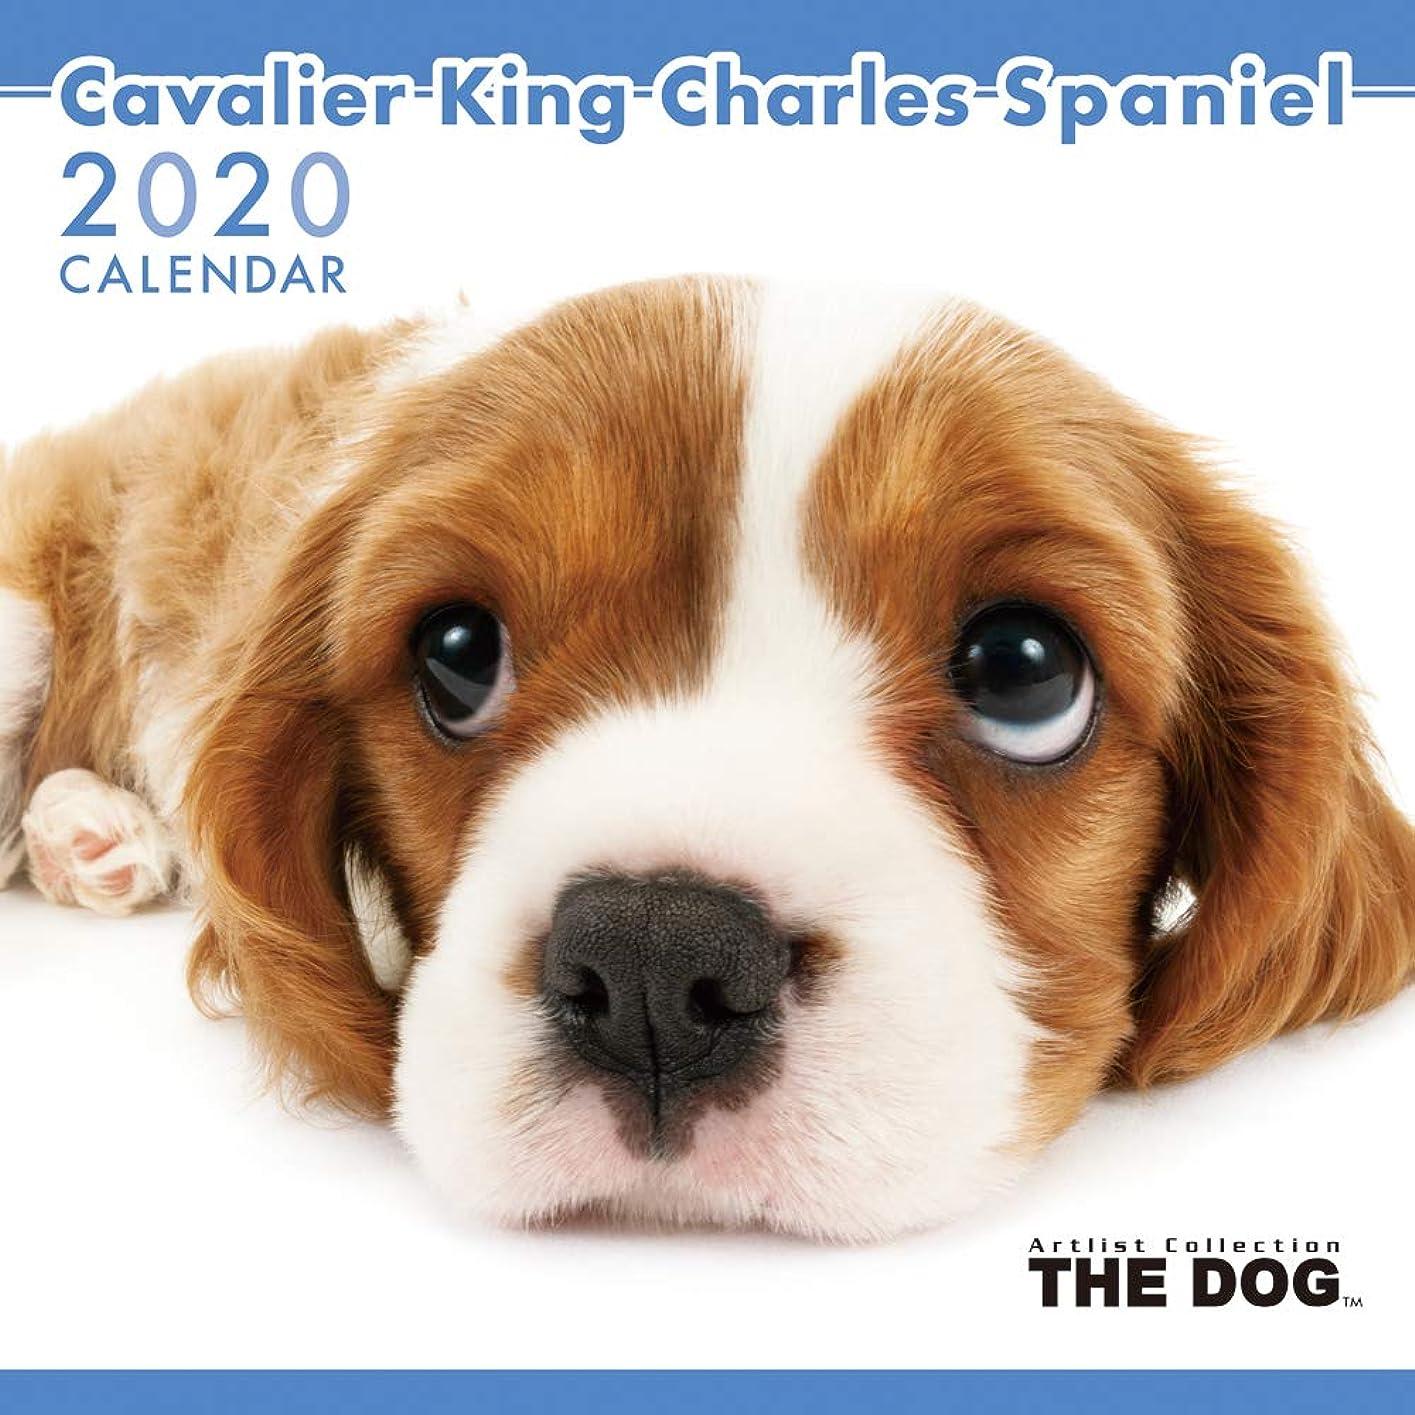 価格スクリューコーラスアーリスト 2020 THE DOG カレンダー キャバリアキングチャールズスパニエル